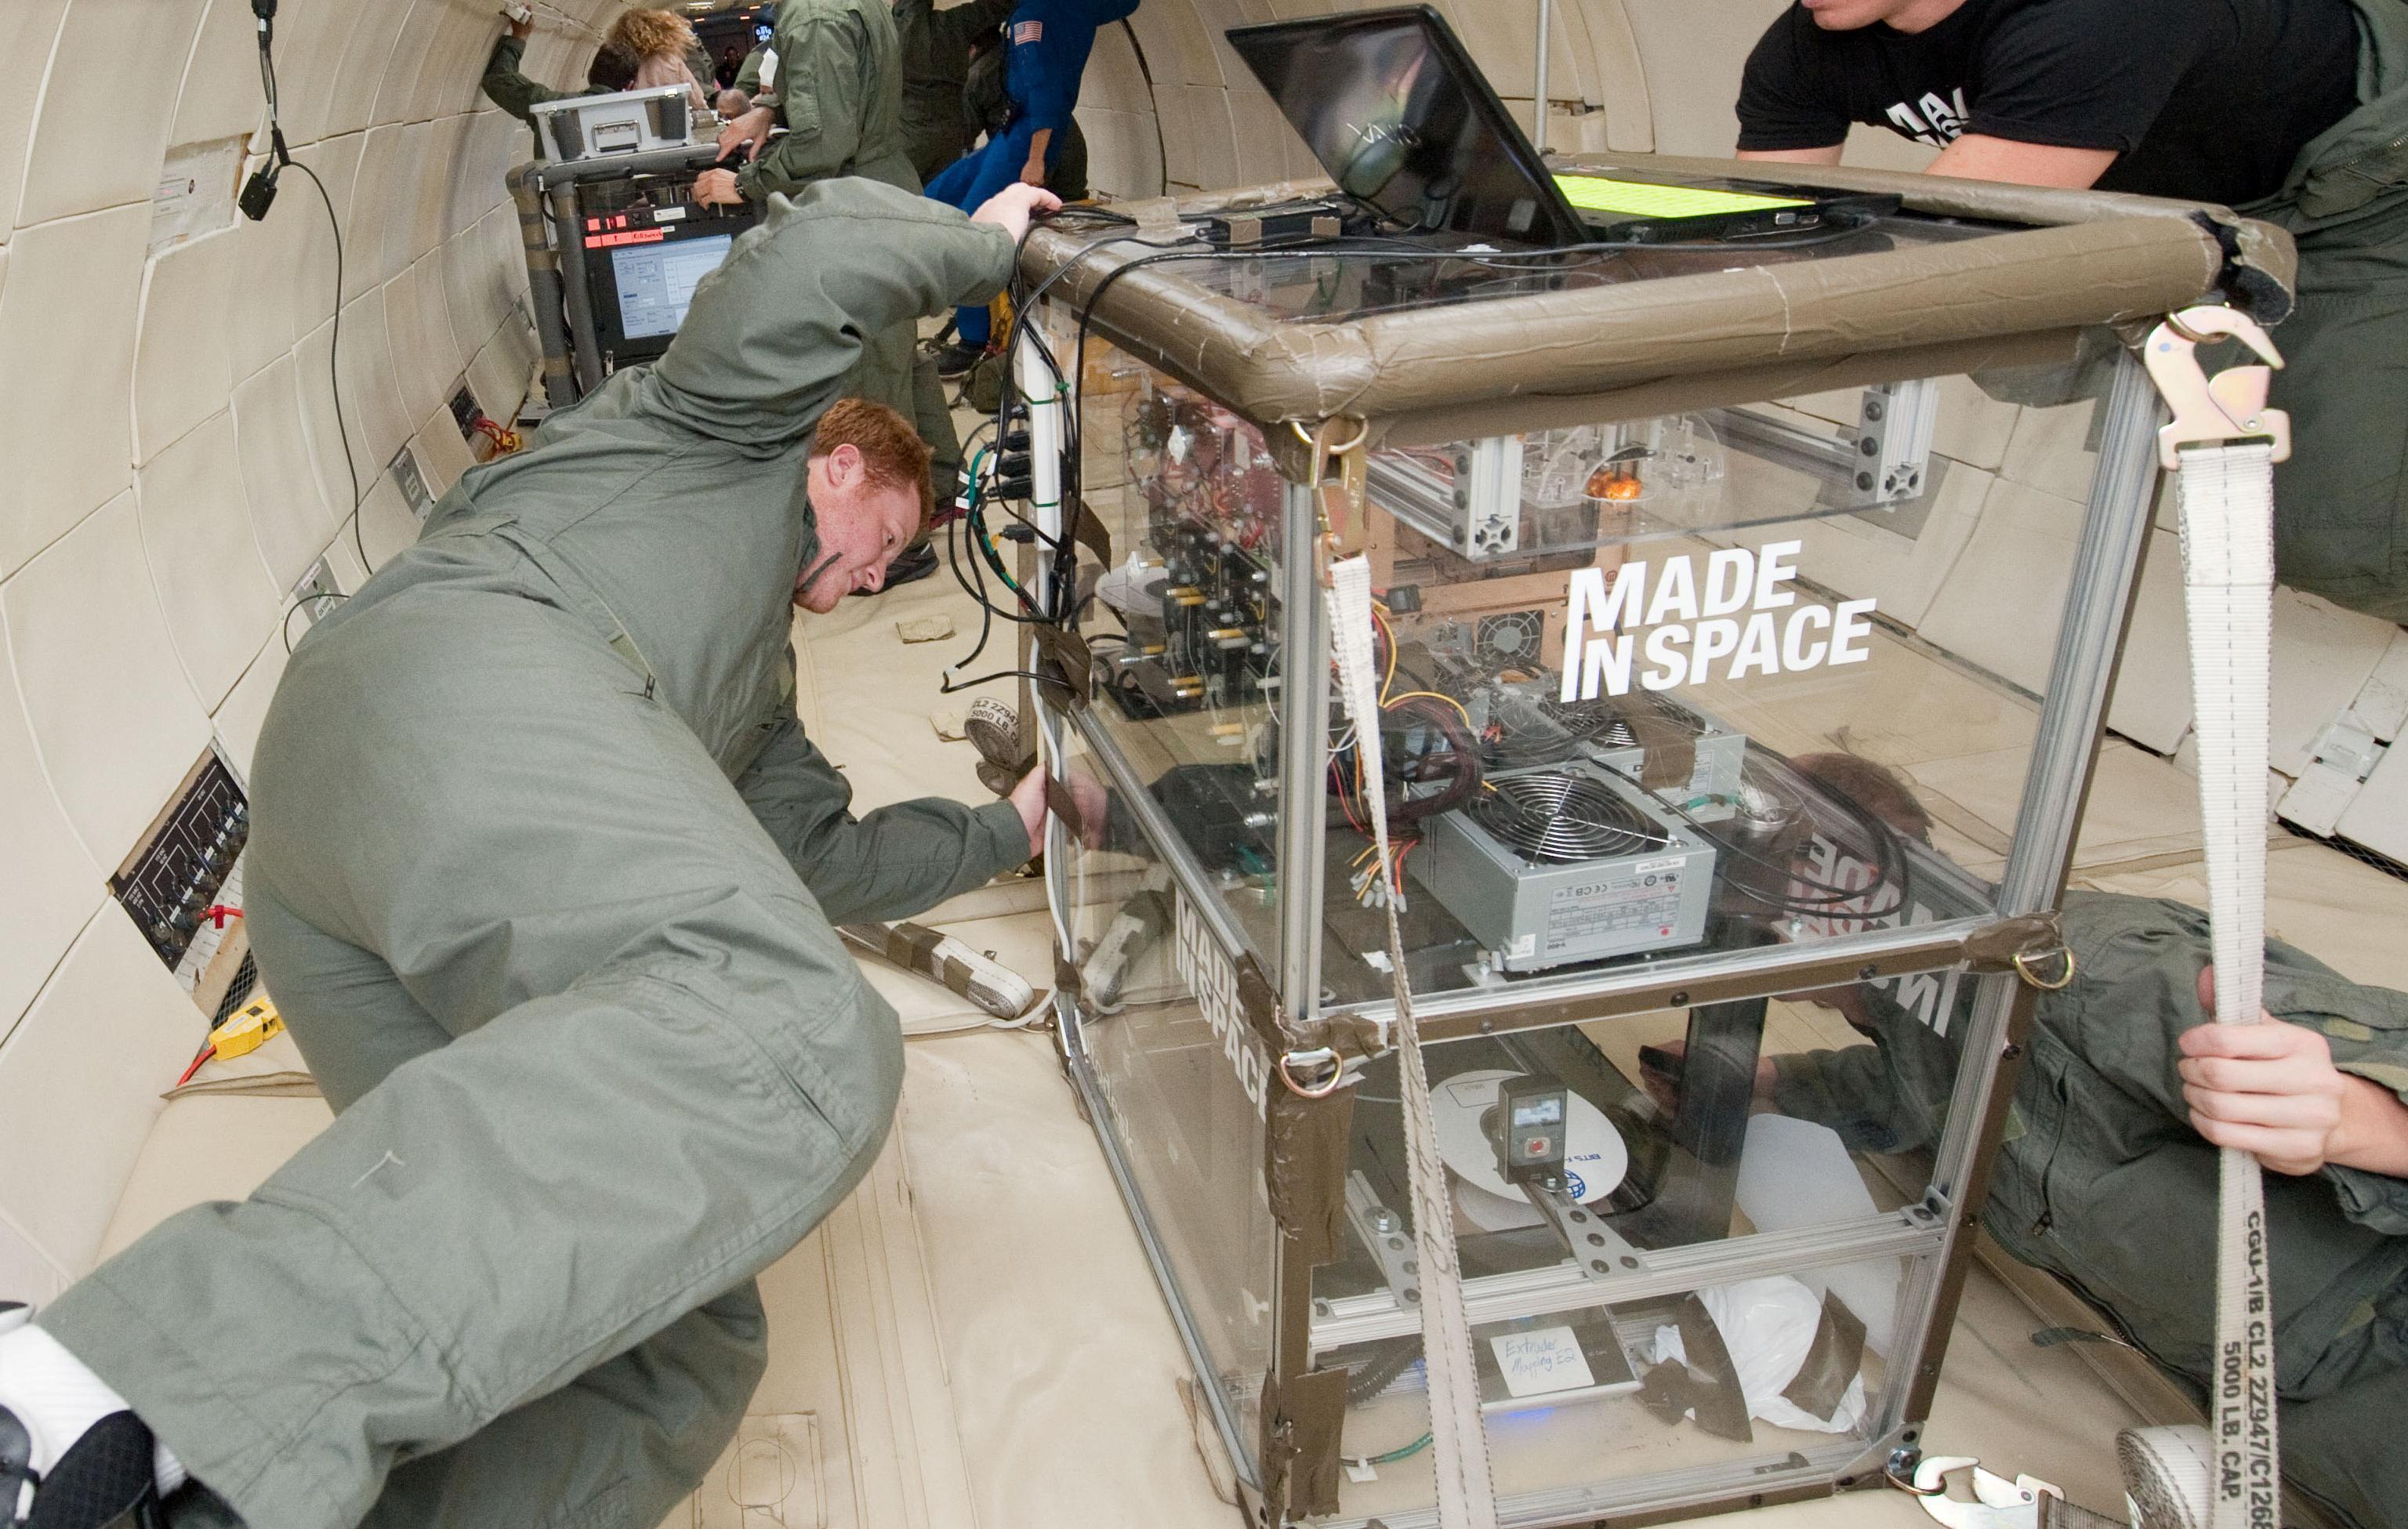 Τρισδιάστατο εκτυπωτή στέλνει η NASA στο διάστημα